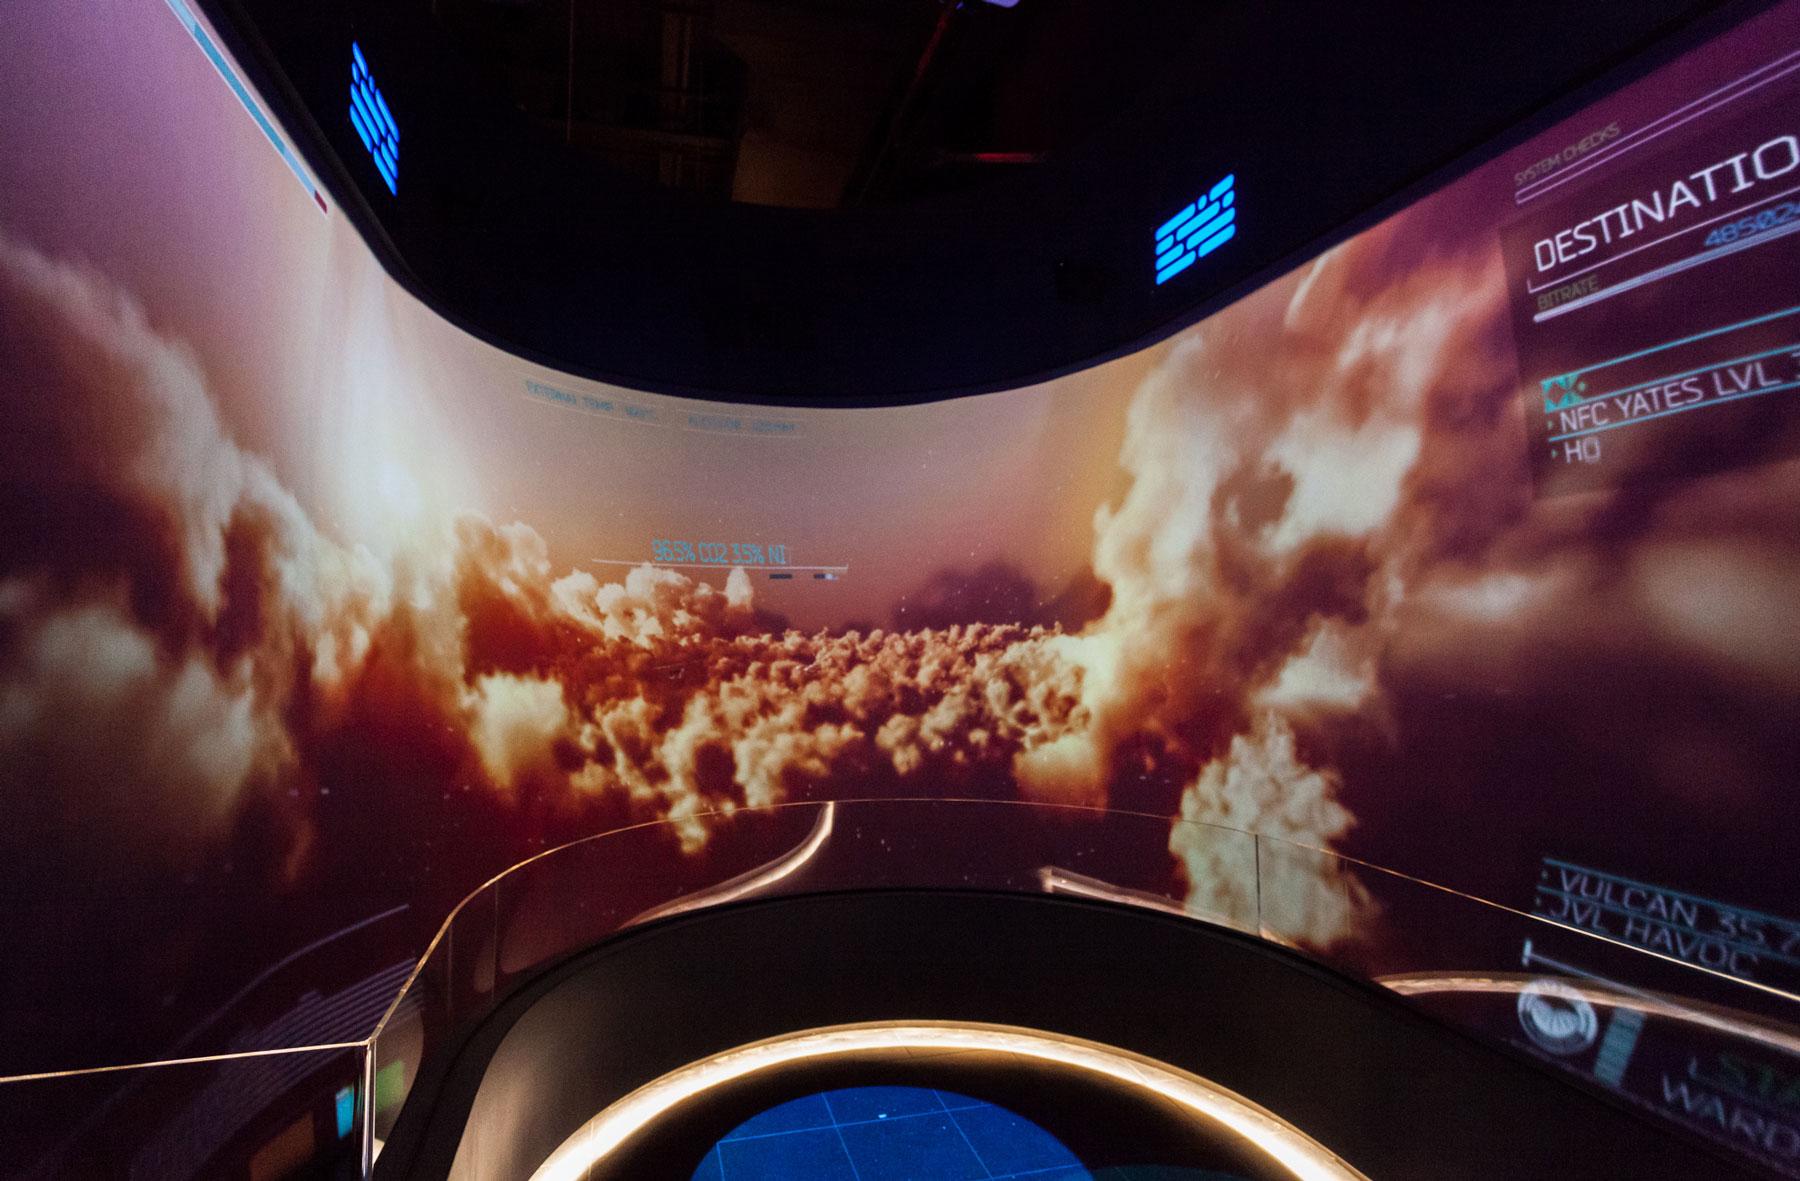 01-frontpictures.com-NSC-Venus-Destination-1800x1181px.jpg.pagespeed.ce_._dWwEkUzKq